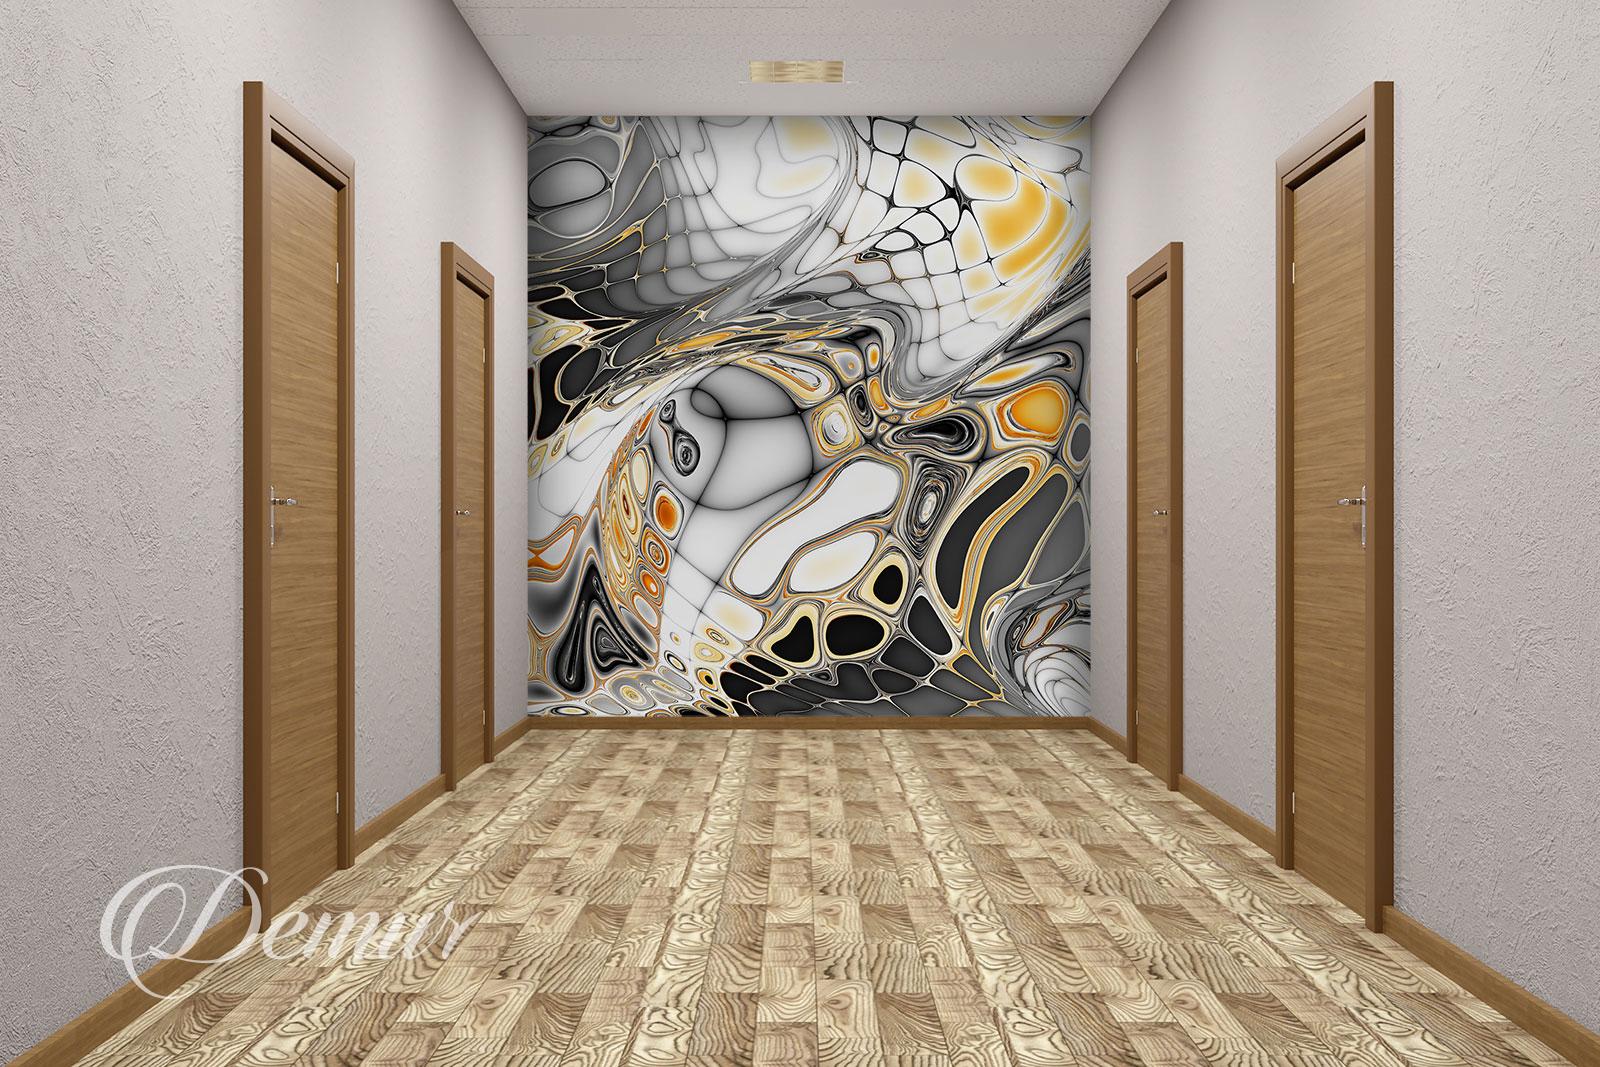 Fototapeta abstrakcja - Pomysł na ścianę w korytarzu - Demur